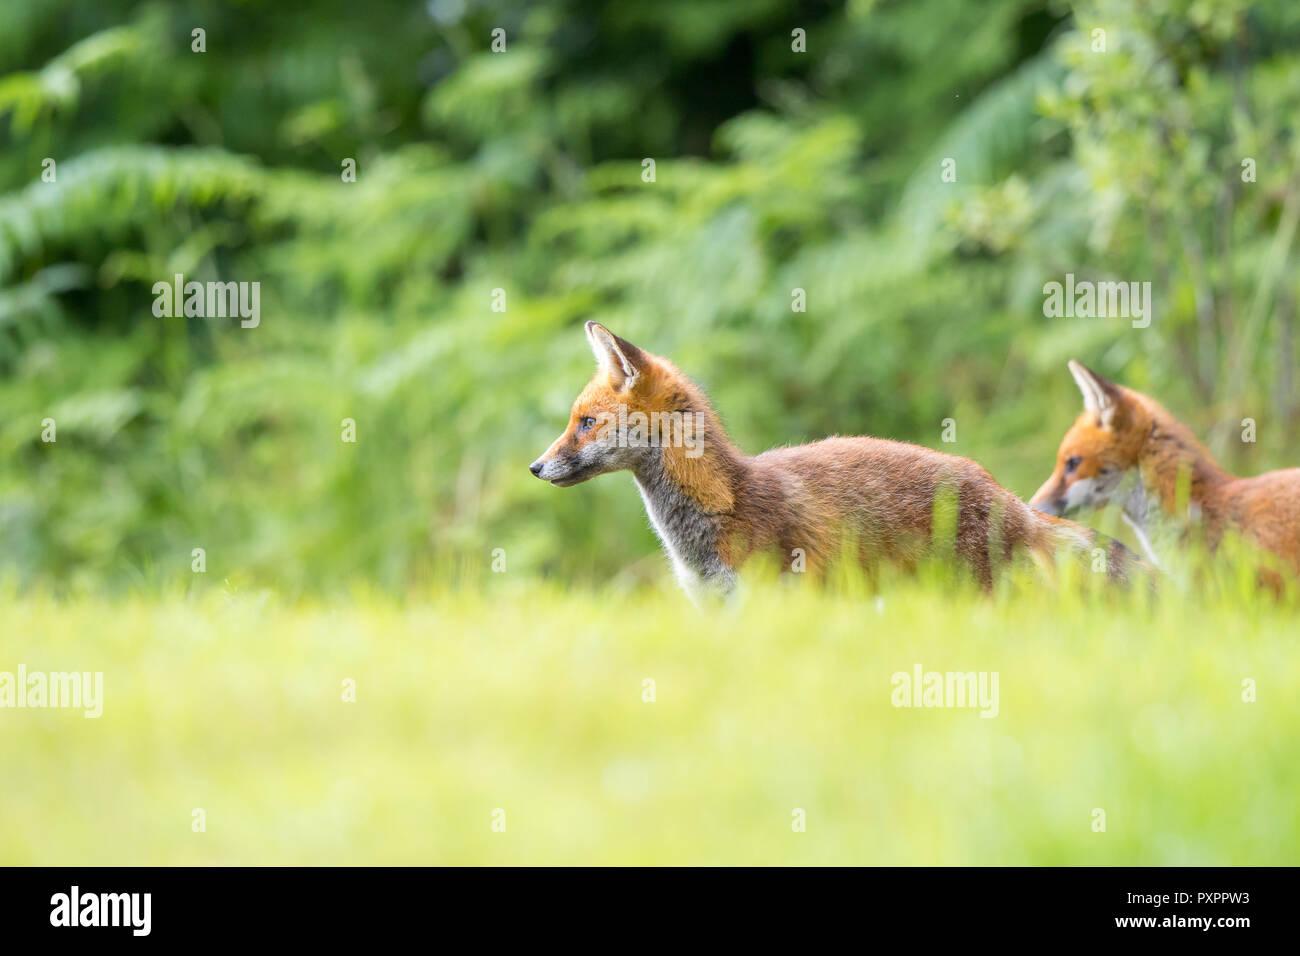 L'angle faible, capture du paysage: paire de jeunes sauvages, des renards roux (Vulpes vulpes) est arrêté et alerte dans l'herbe, à côté, le bois naturel contre l'arrière-plan. Photo Stock